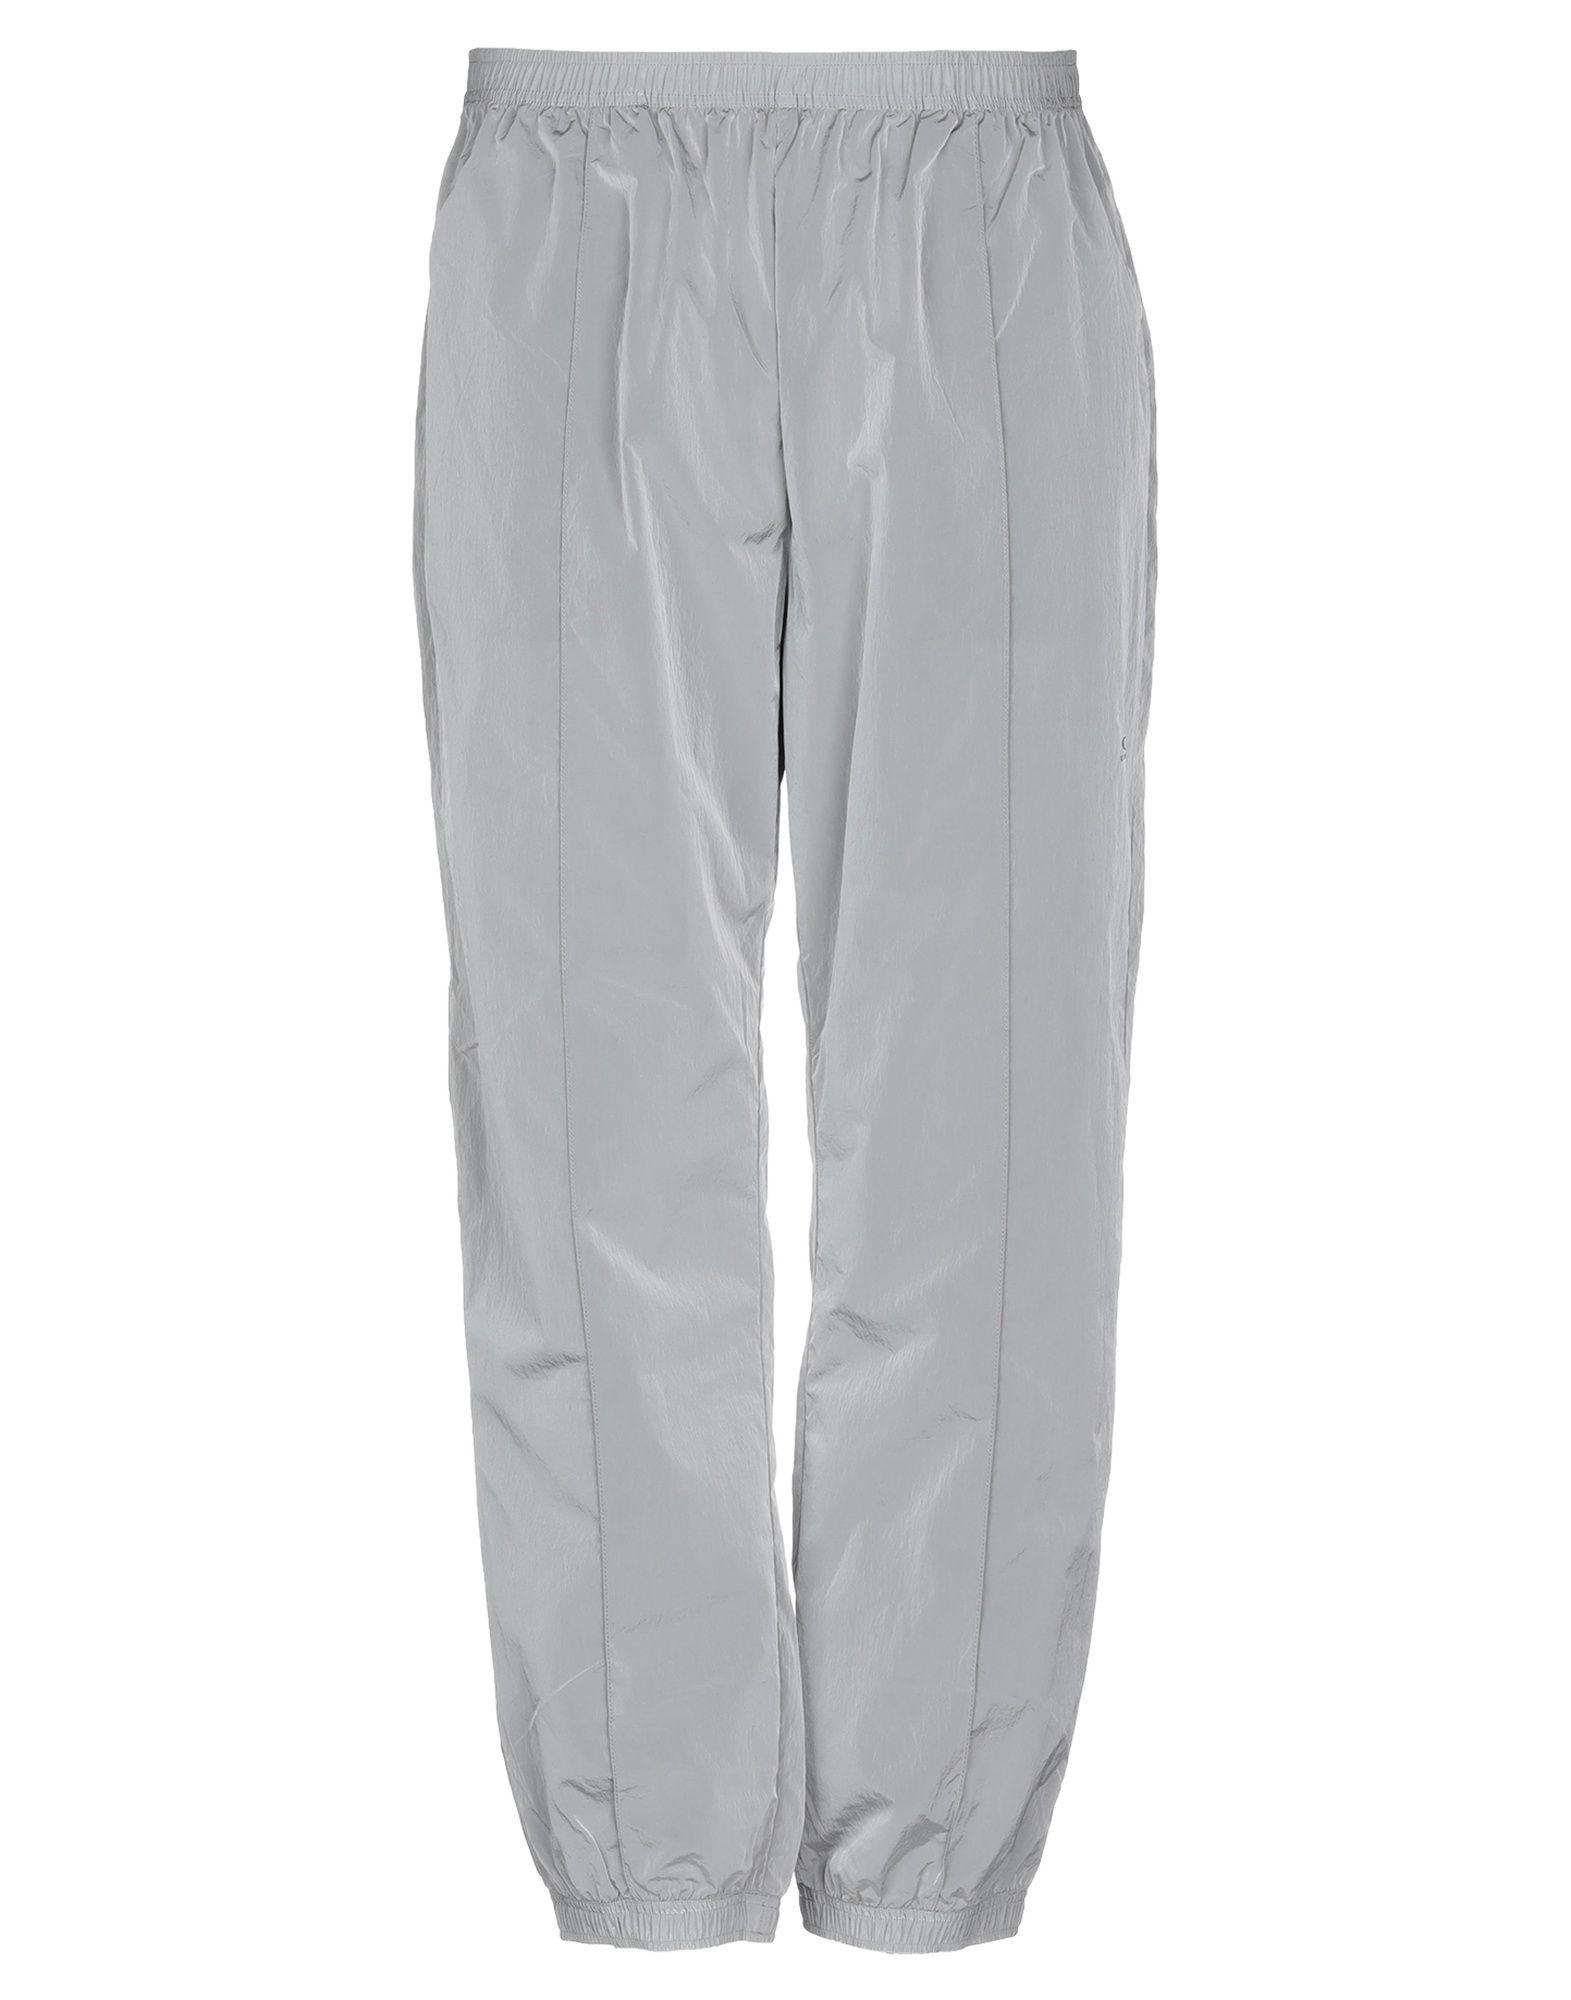 《期間限定セール中》OAKLEY メンズ パンツ グレー S ナイロン 100%